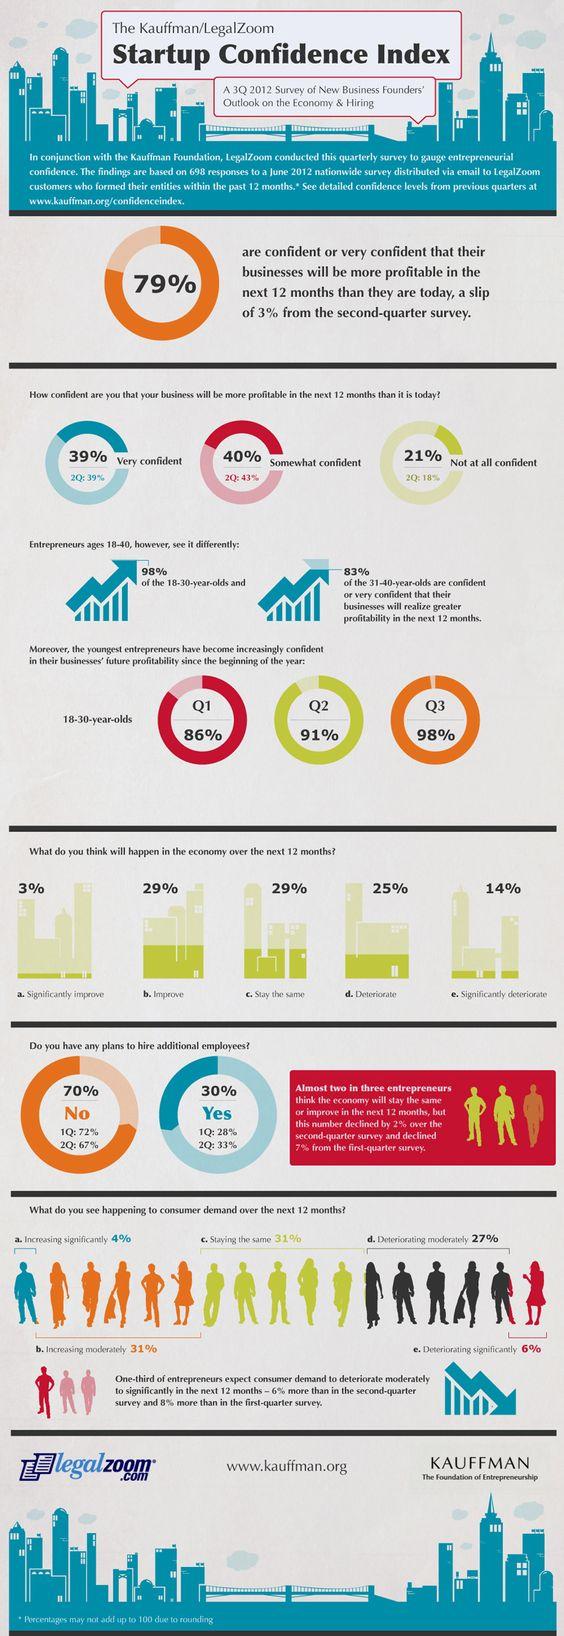 #Startup Confidence Index 3Q 2012